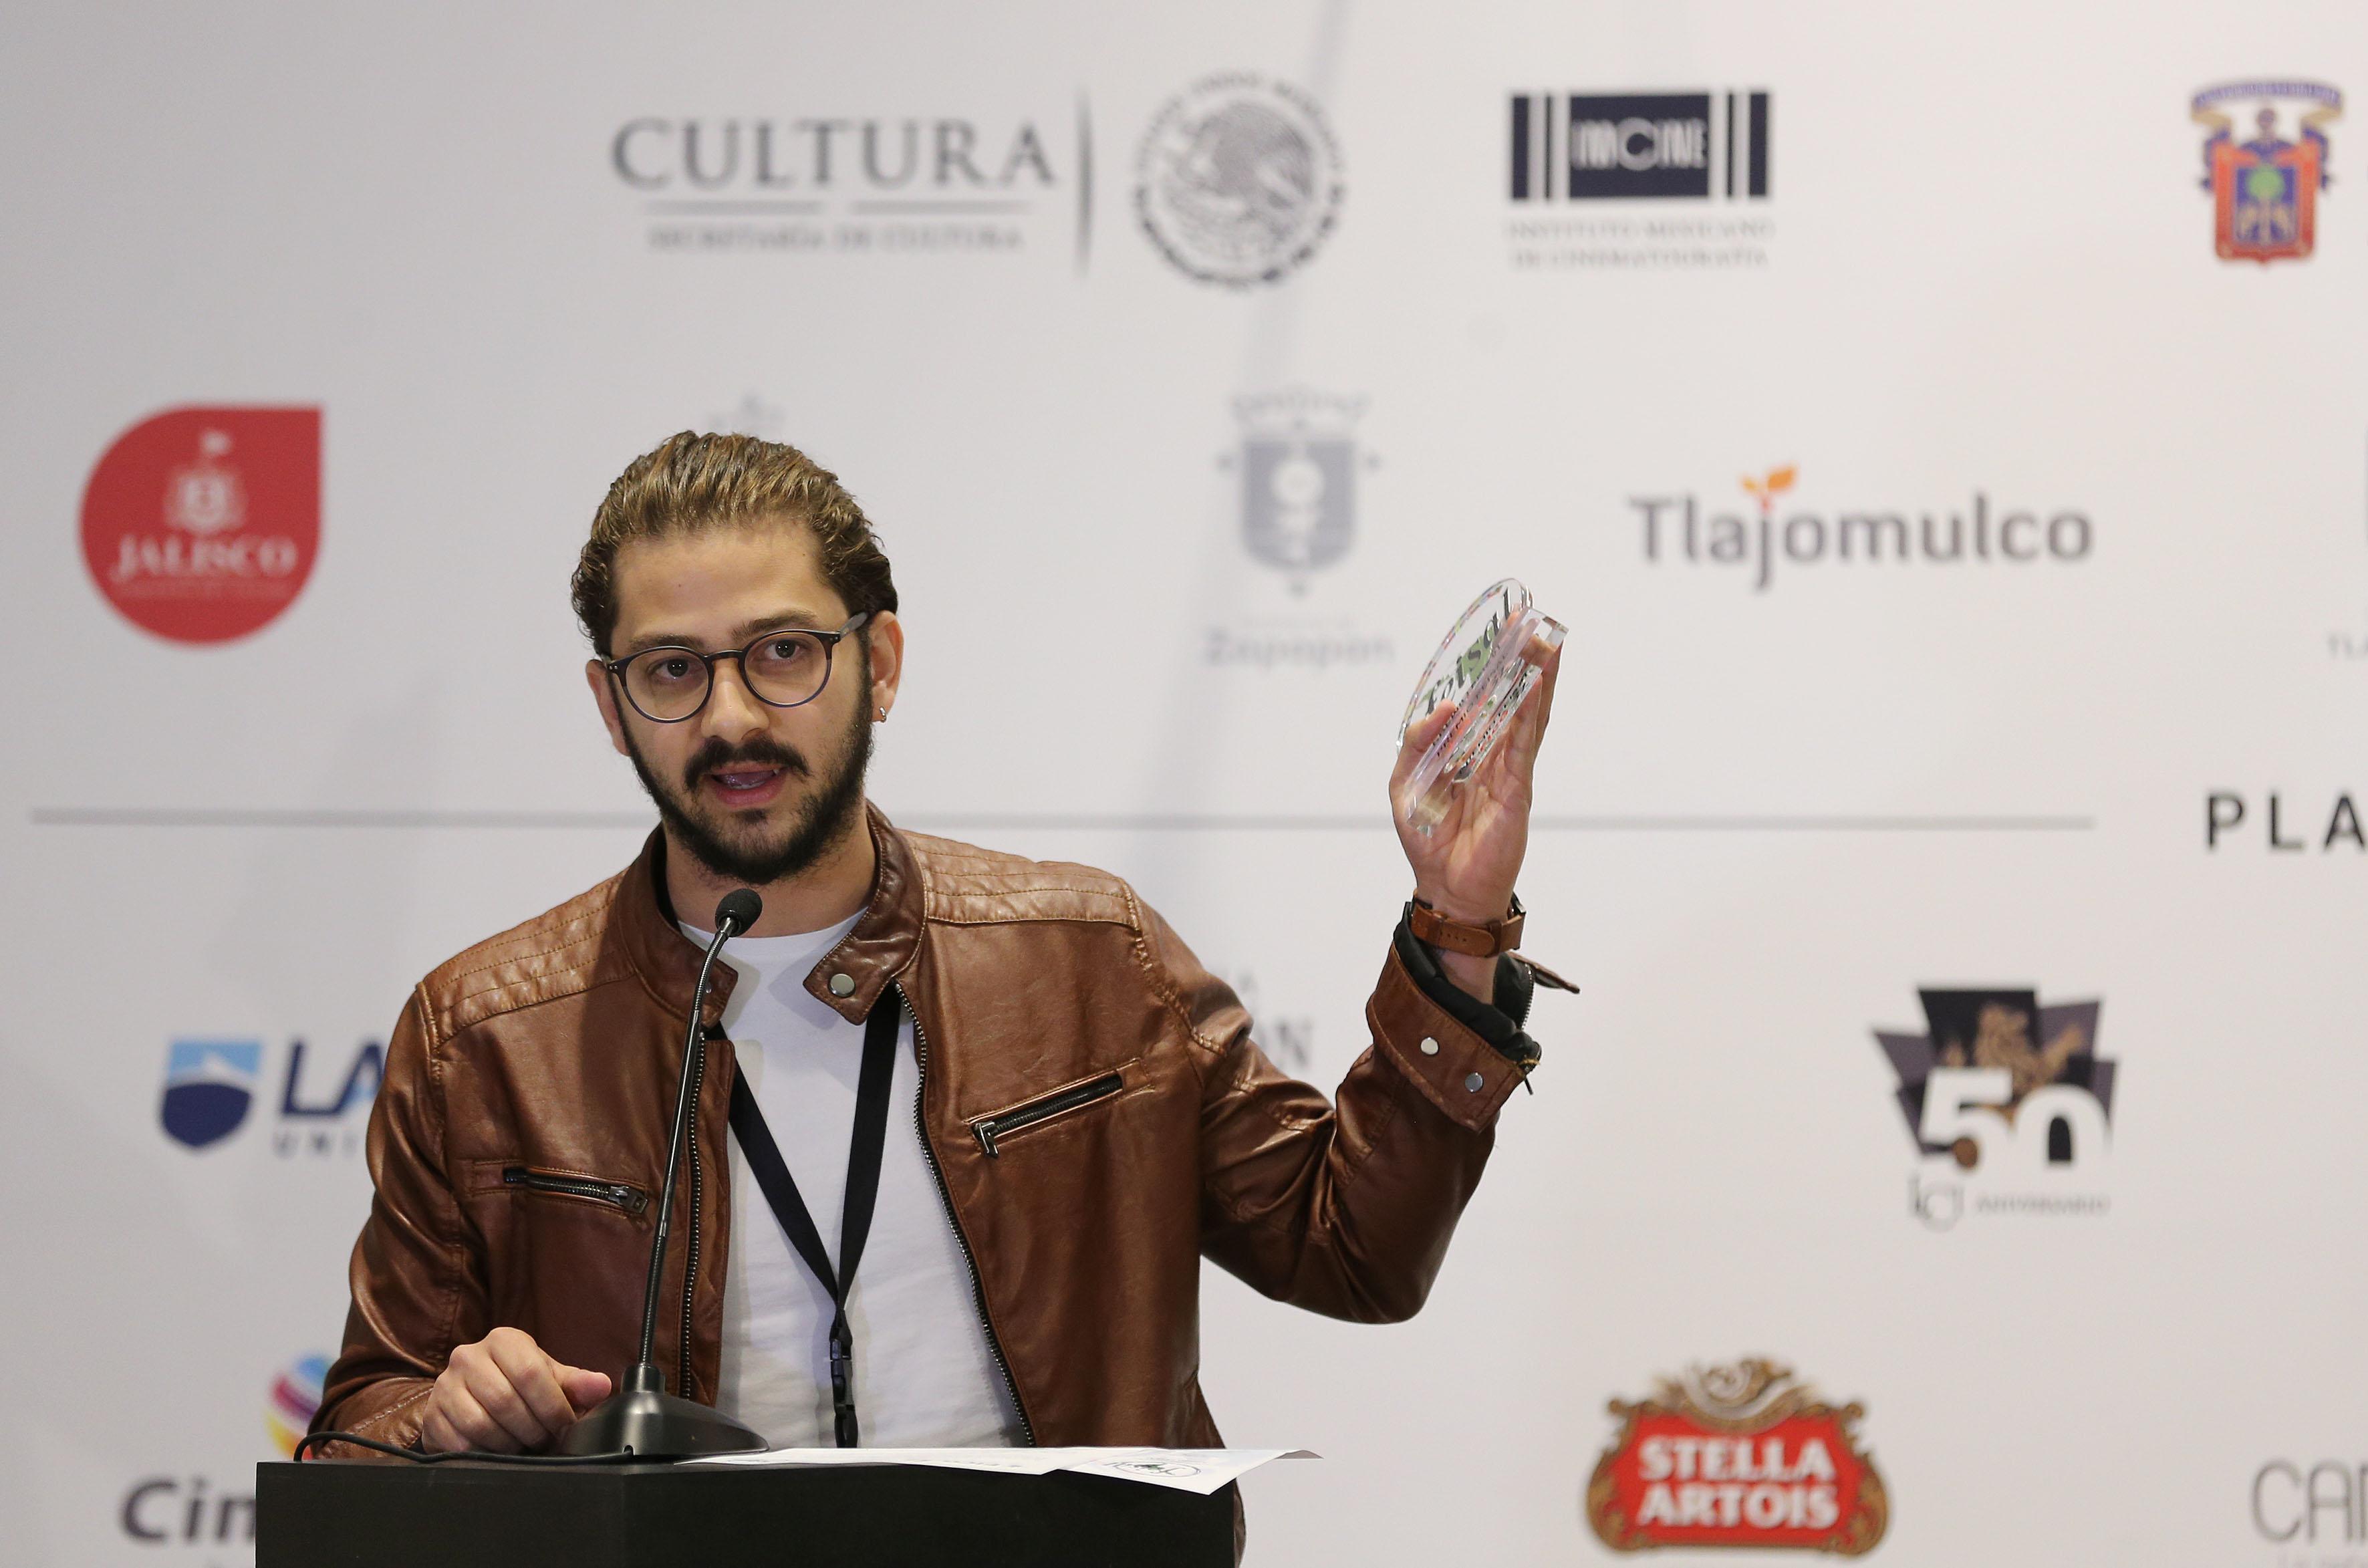 El director José María Cabral, haciendo uso de la palabra al recibir el Premio Maestro Goldenblank otorgado por la FEISAL.